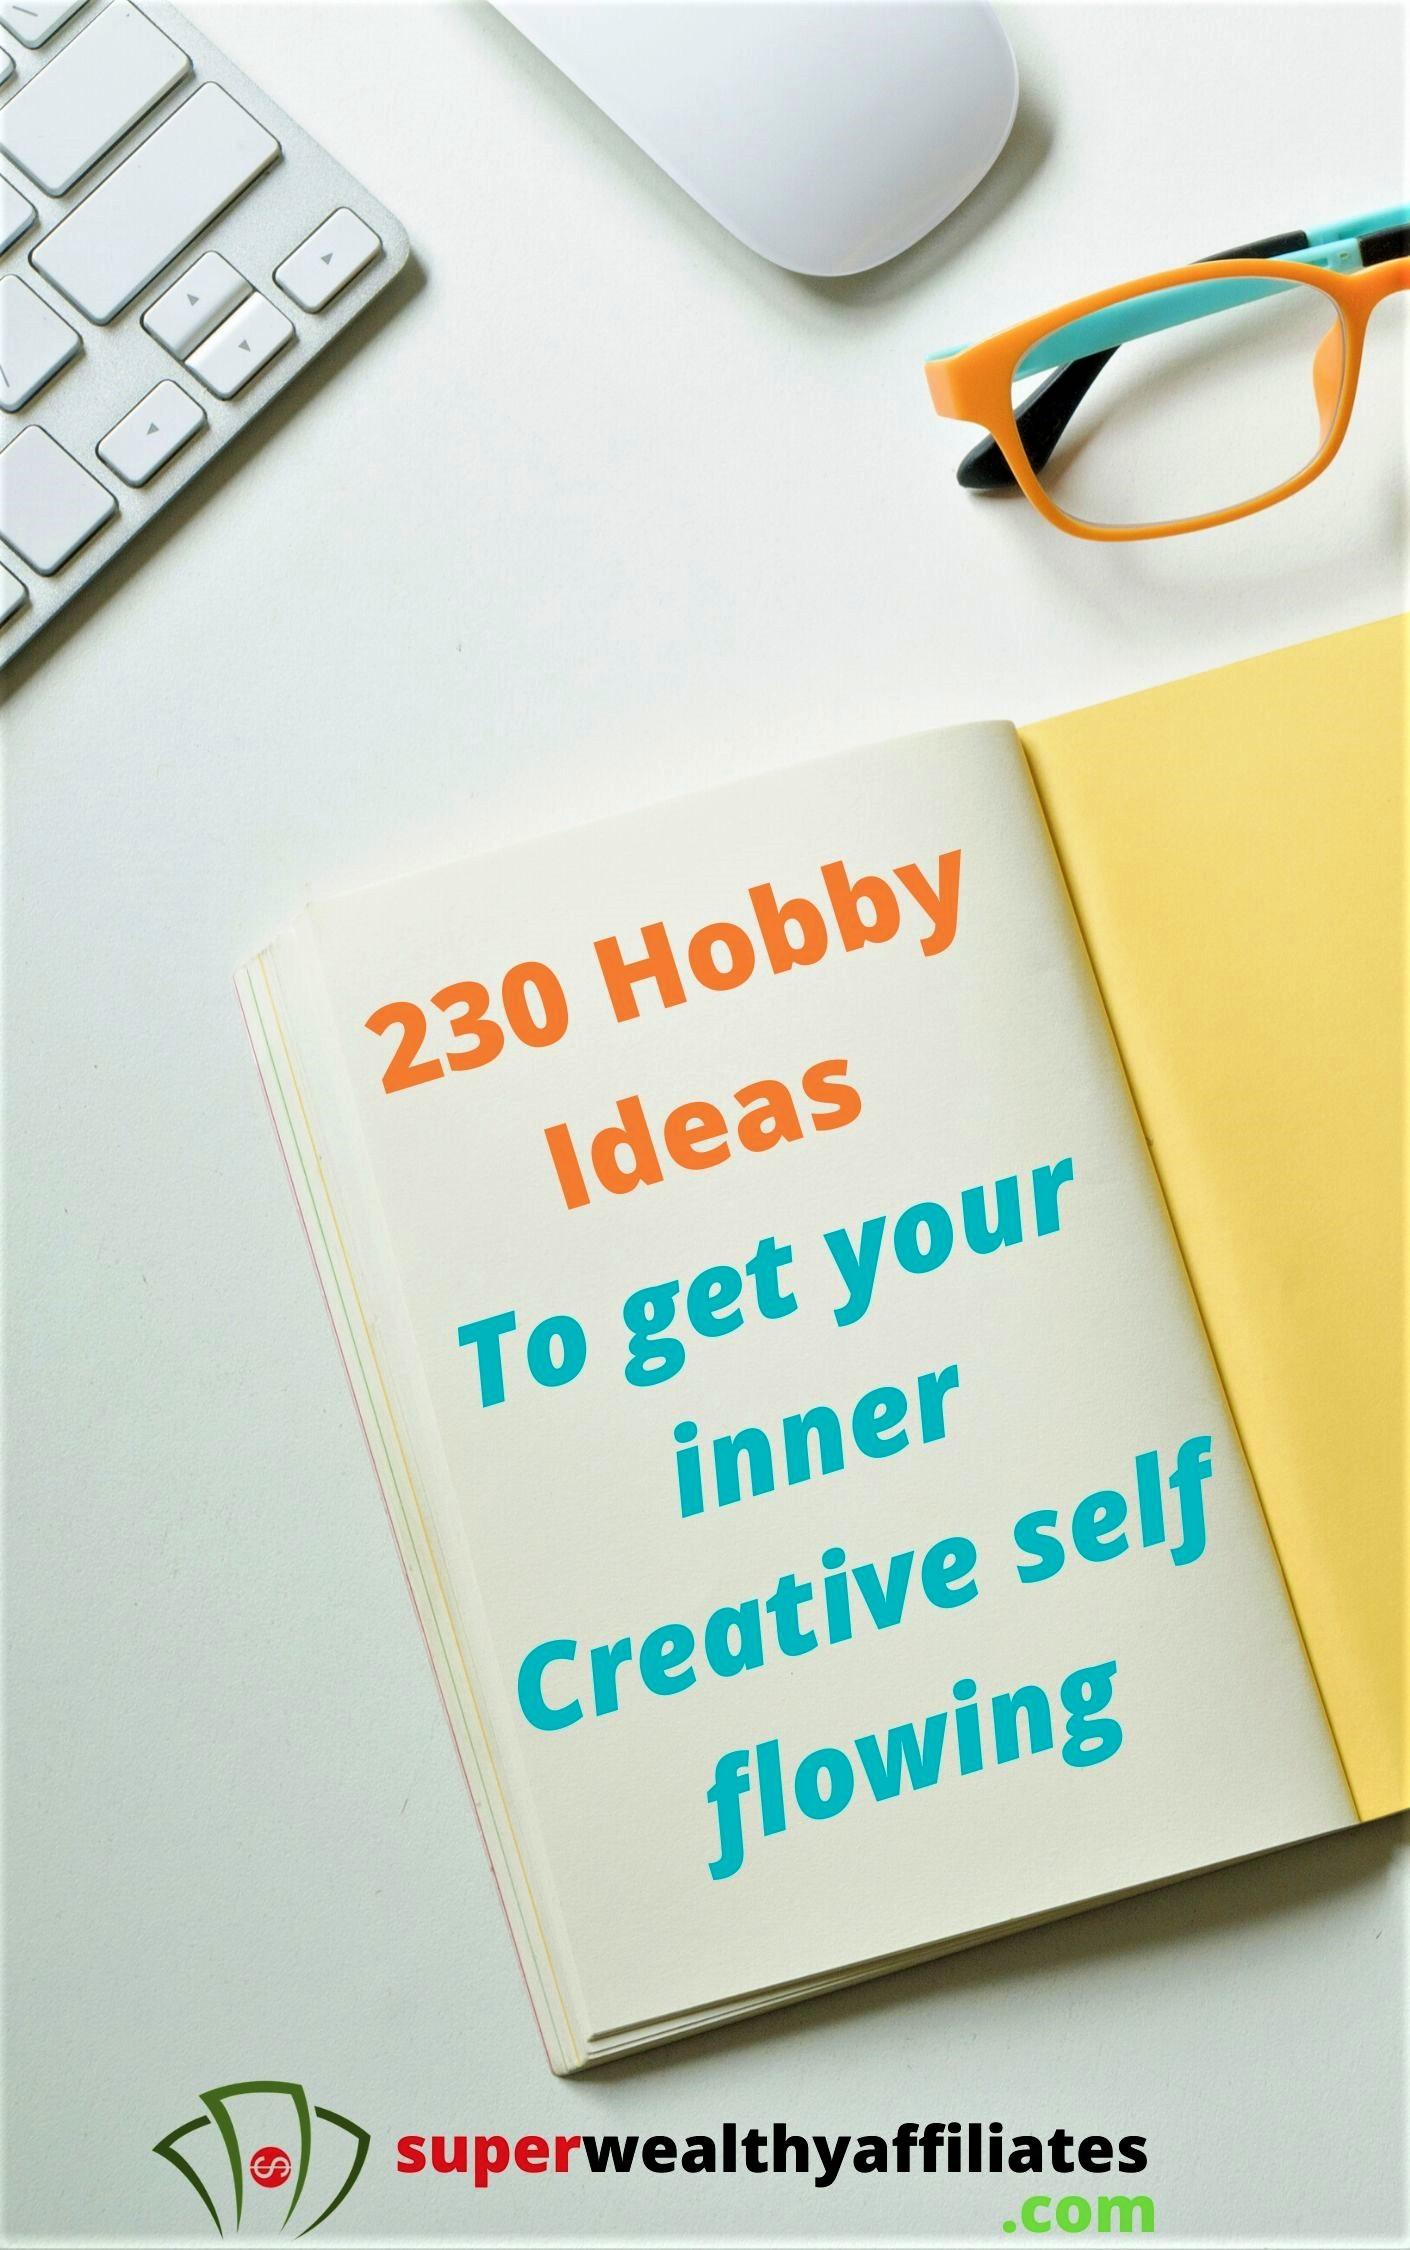 230-Hobby-Ideas.